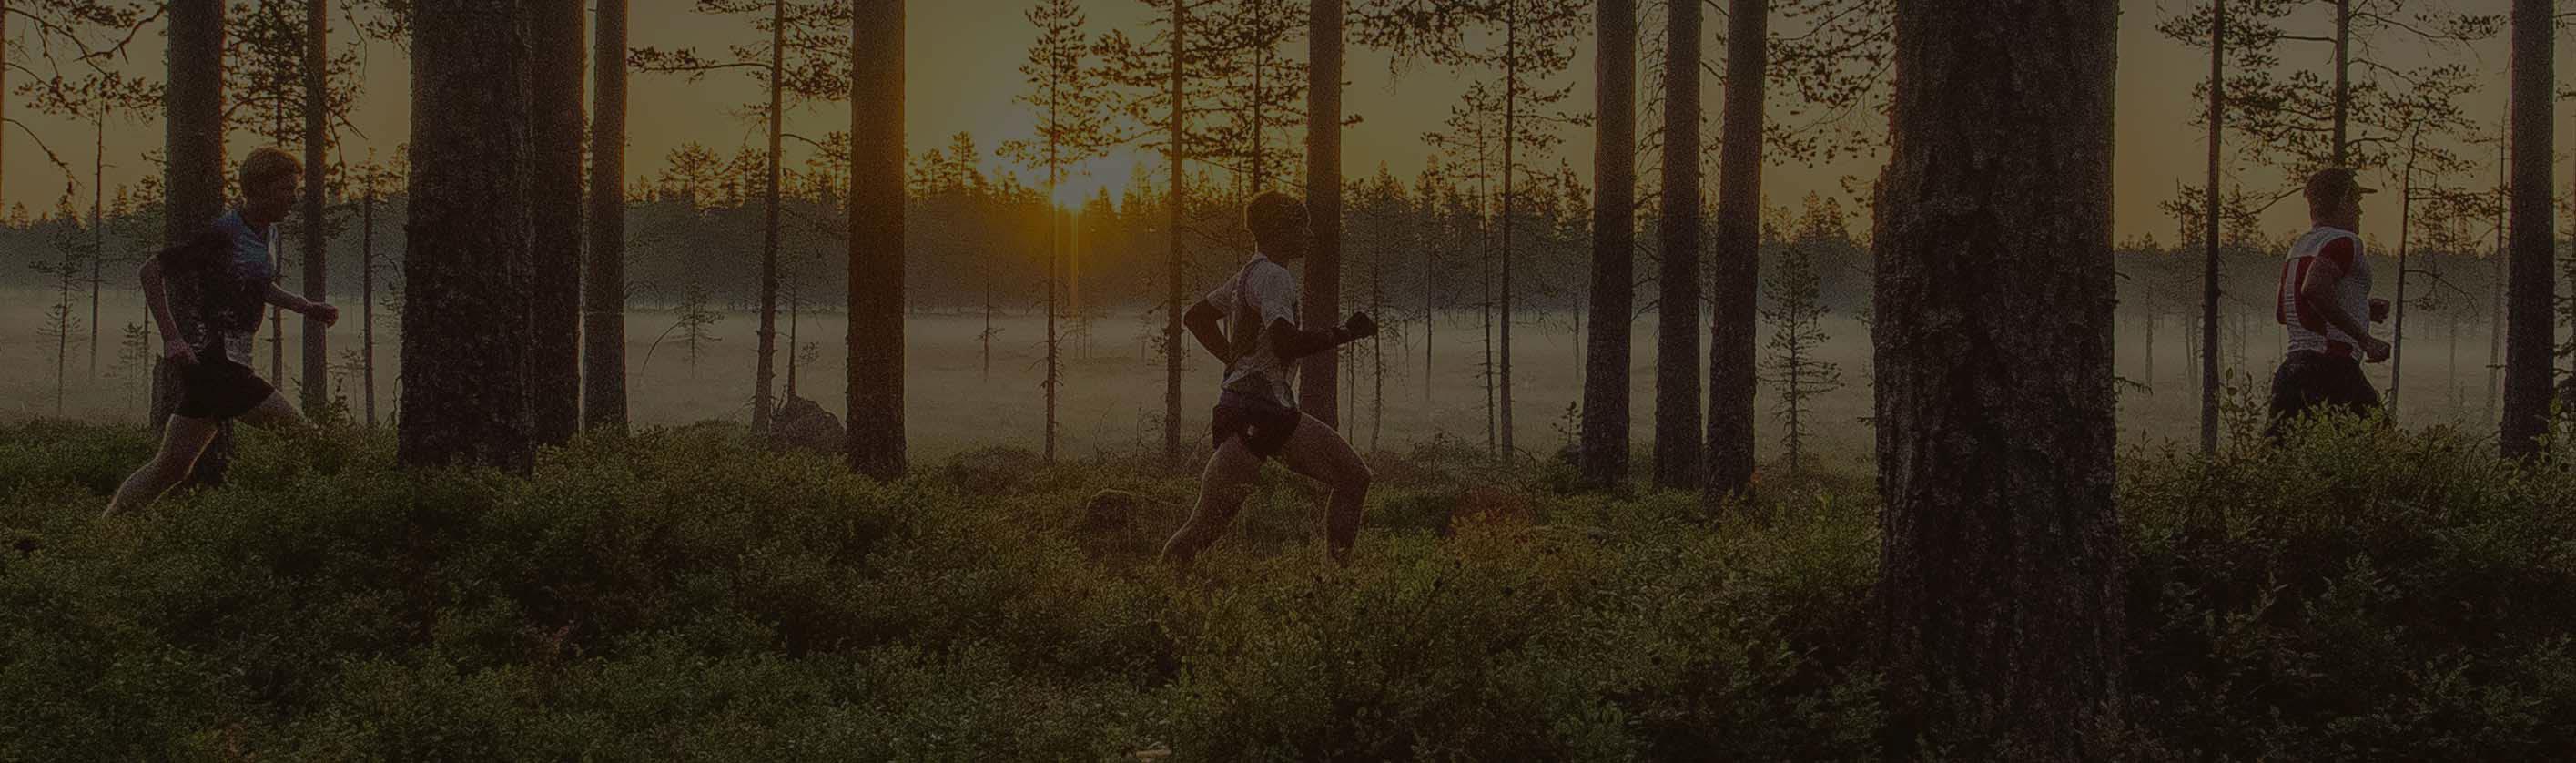 Trailman Geels Skov